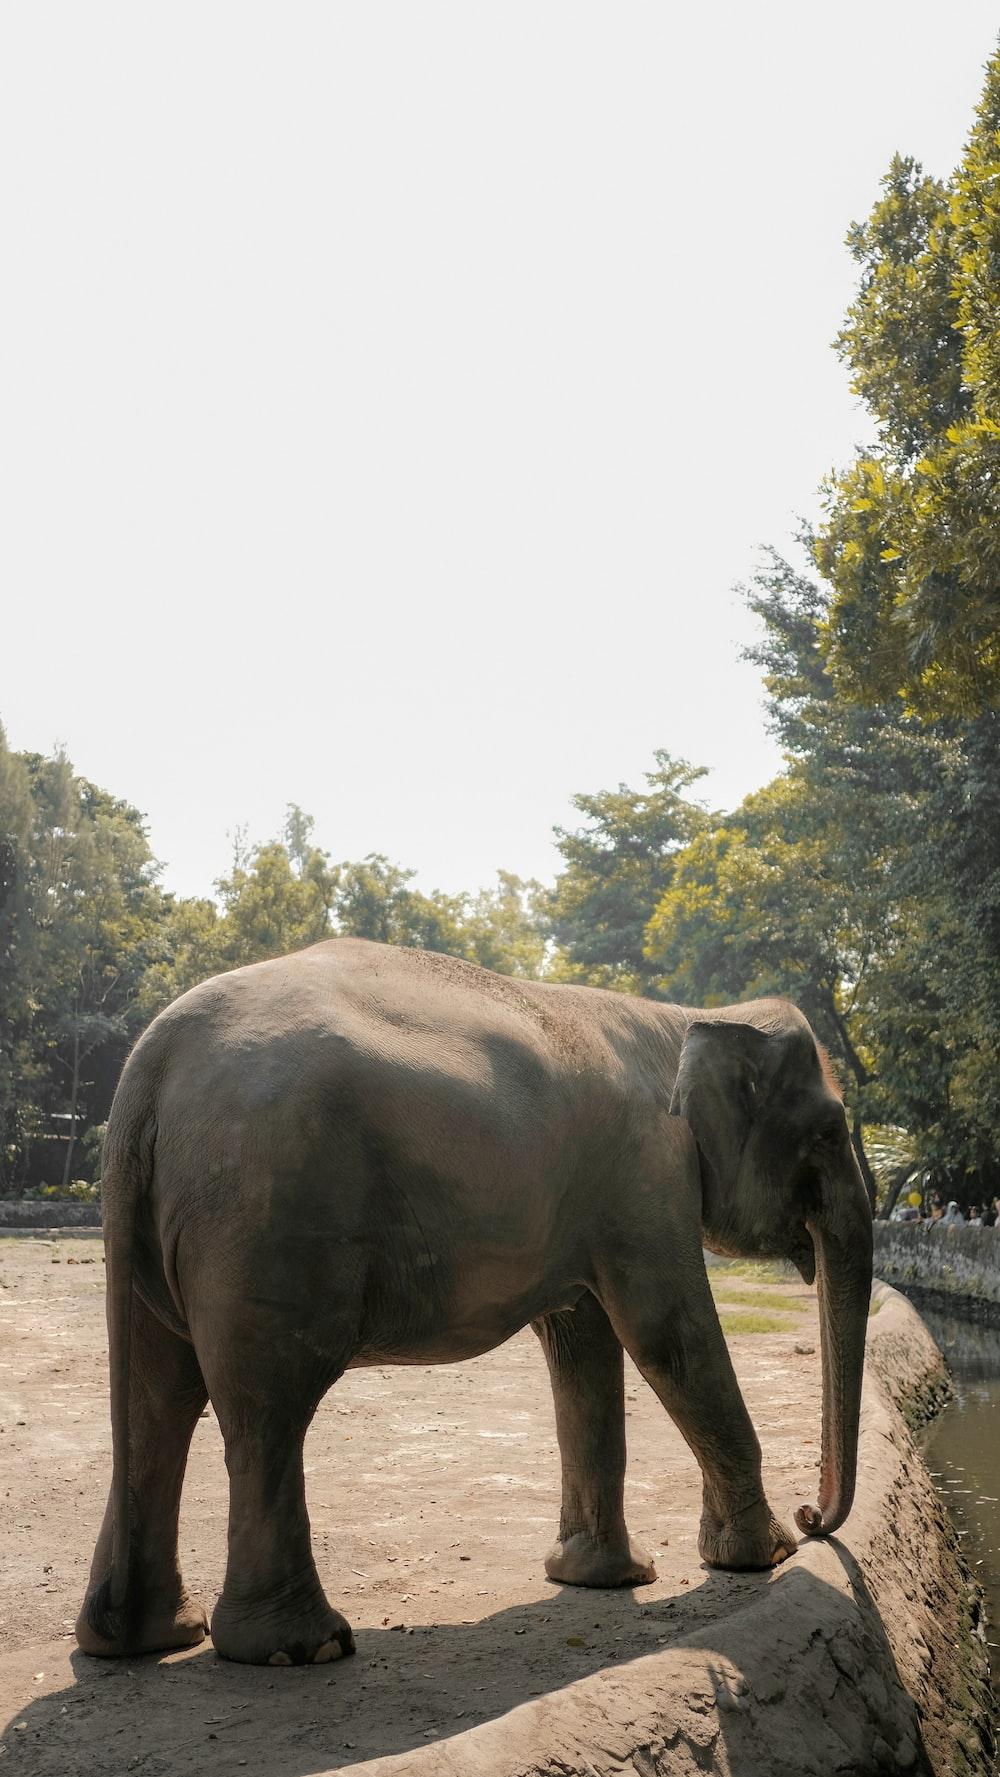 elephant near cliff